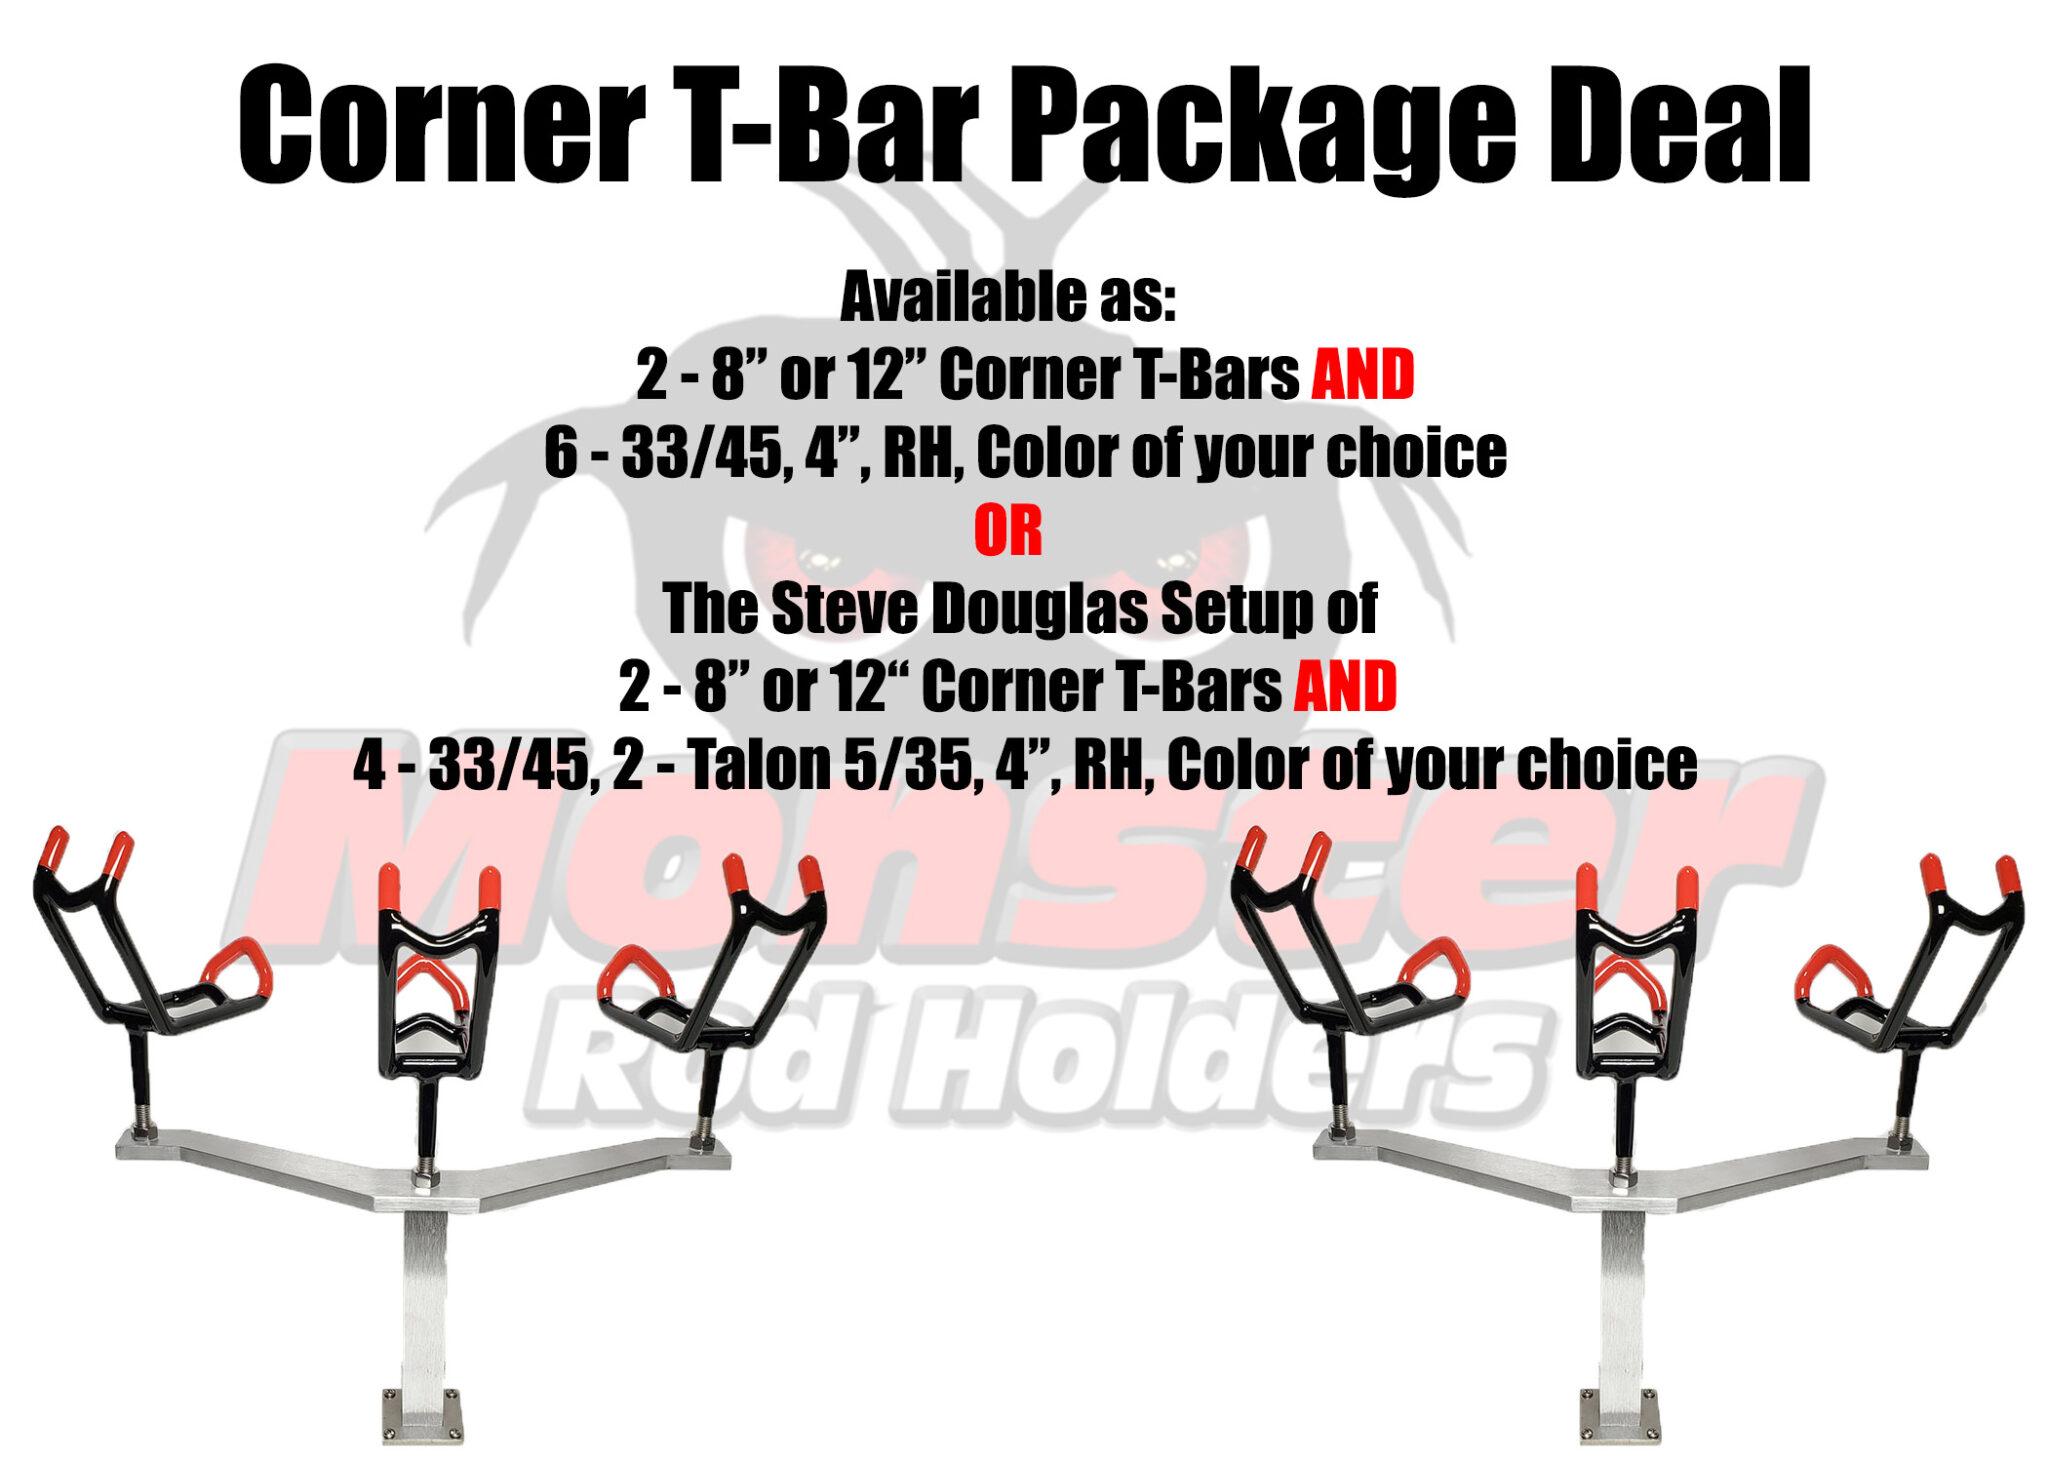 Corner Package Deal